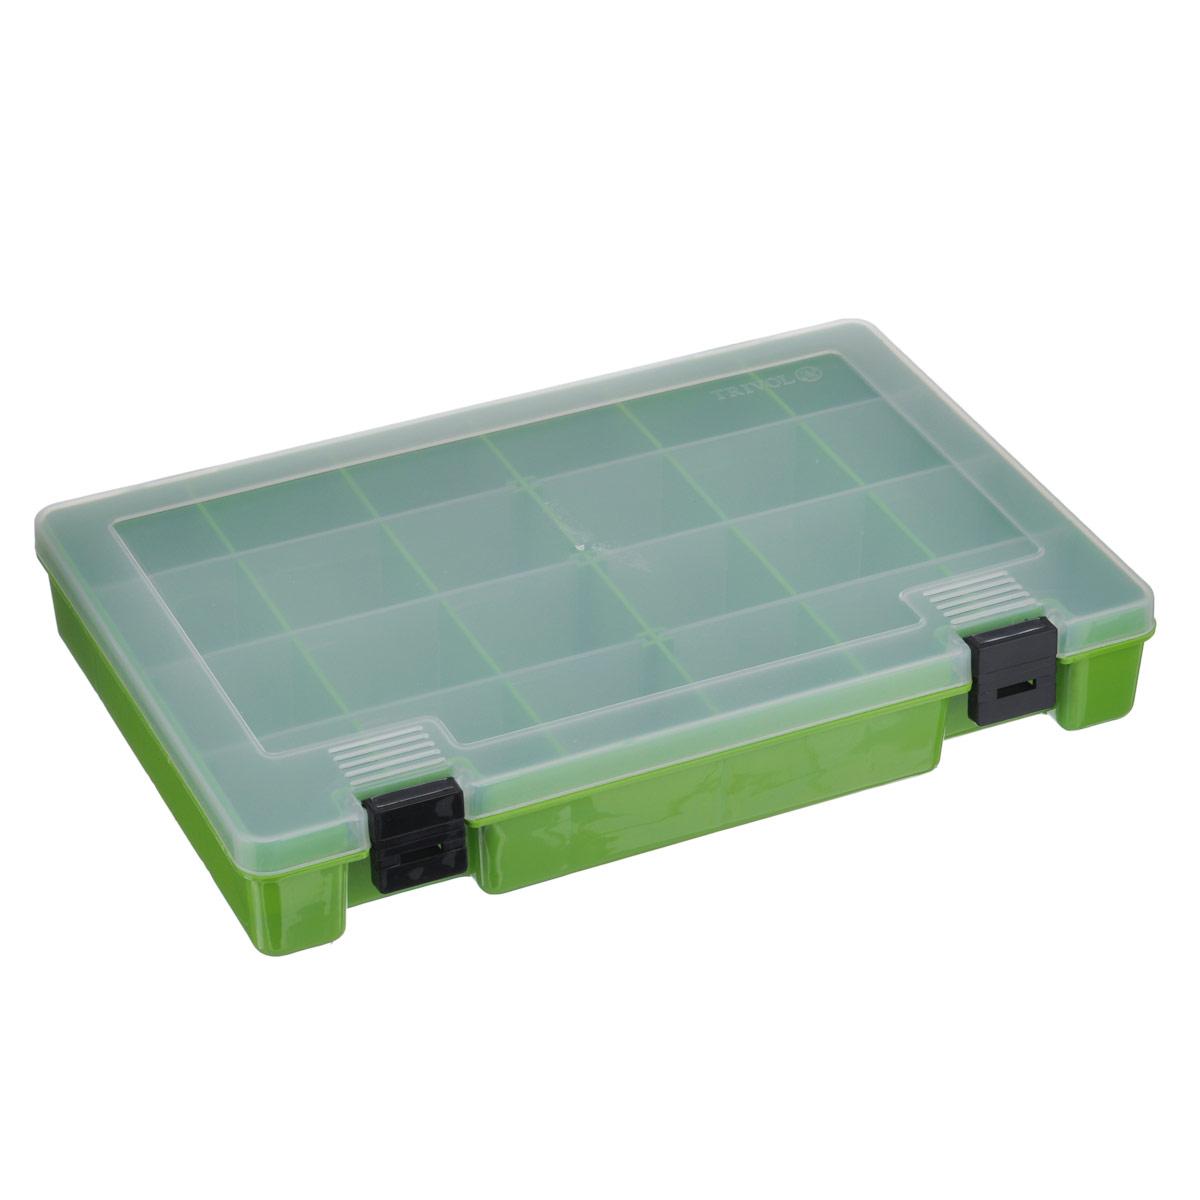 Коробка для мелочей Trivol, со съемными перегородками, цвет: зеленый, 27 х 18 х 4 смтип-7Коробка Trivol выполненная из прочного пластика, предназначена для хранения различныхмелких вещей. Количество отделений можно изменять благодаря съемным перегородкам. Такаякоробка закрывается припомощи прозрачной крышки, что поможет быстро определить содержимое. Коробка поможетхранить все в одном месте, а также защитить вещи от пыли, грязи и влаги.